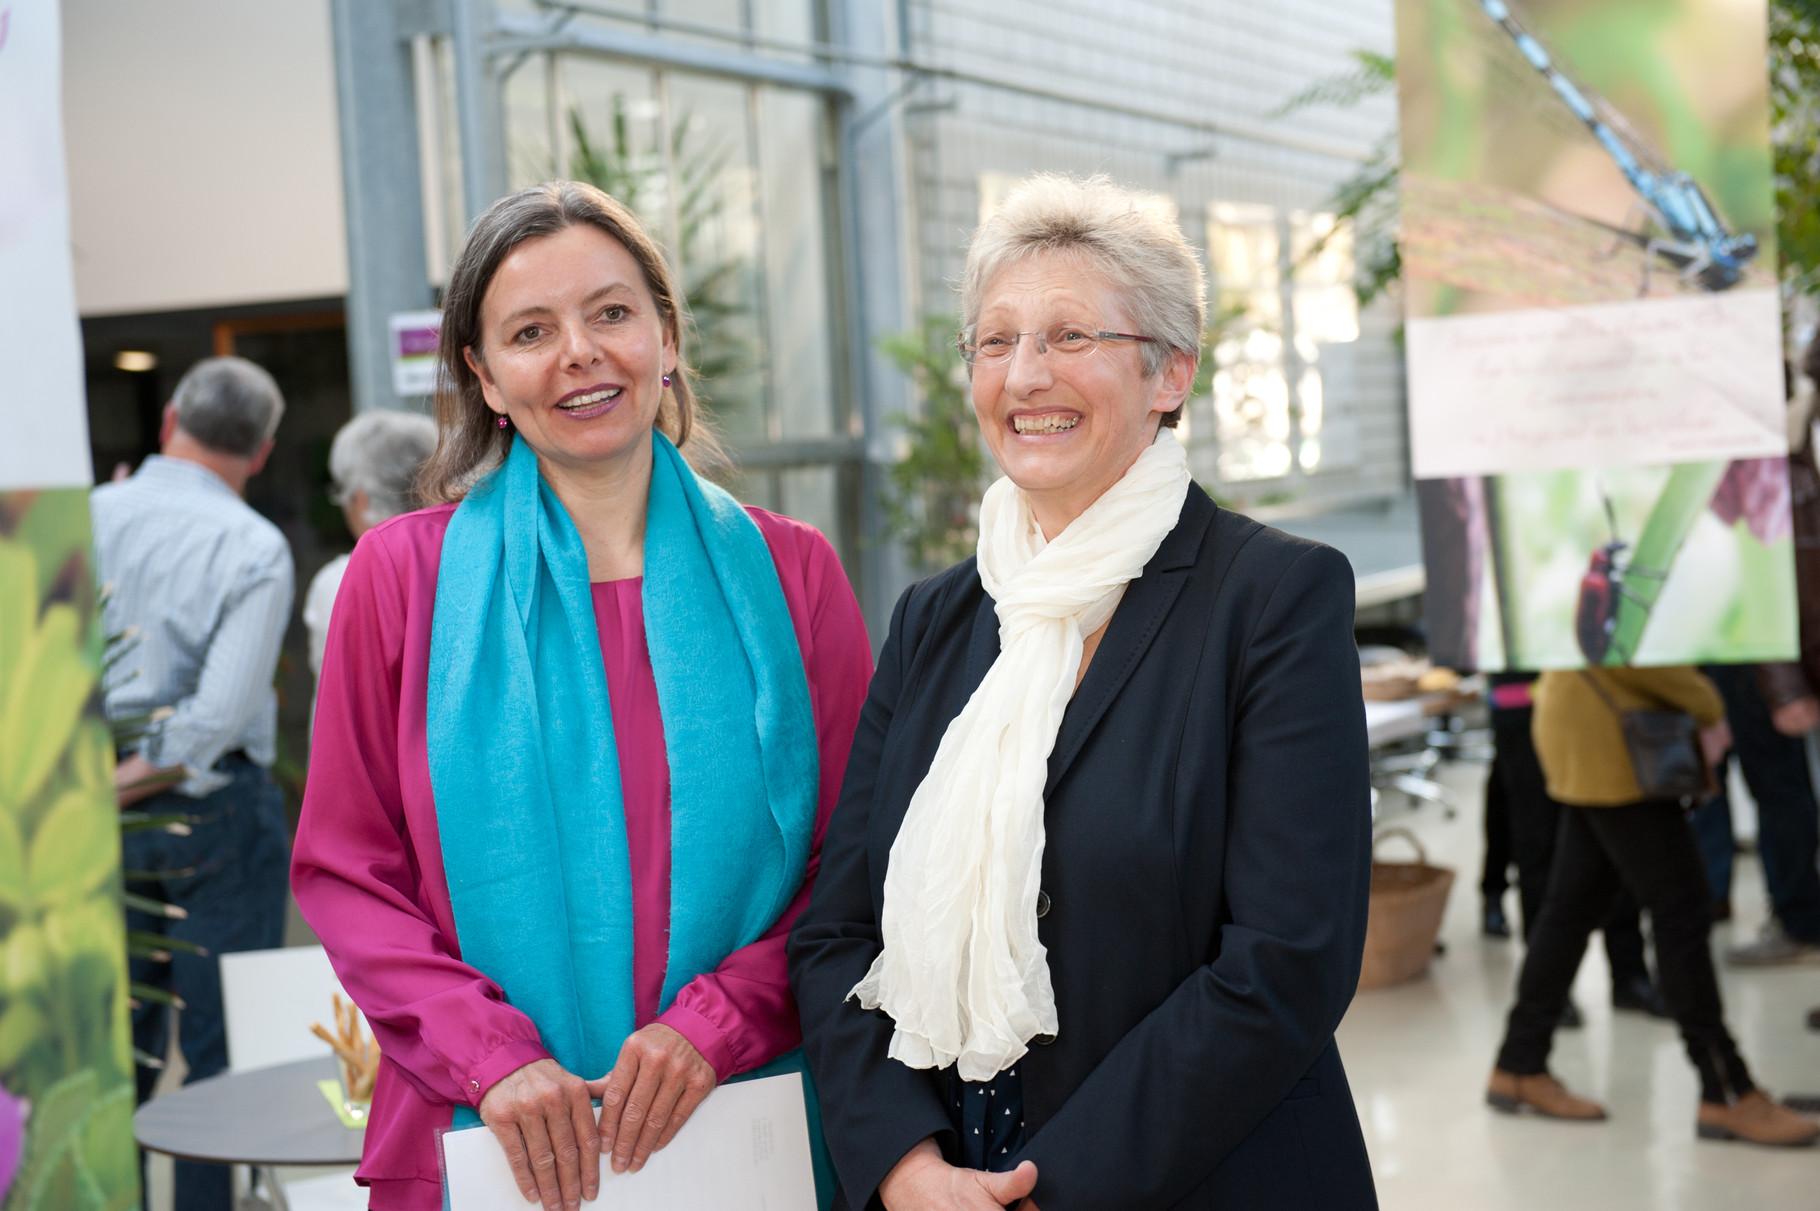 Eröffnung der Vernissage mit Frau Gschneidner,Kustodin des bot.Garten Ulm